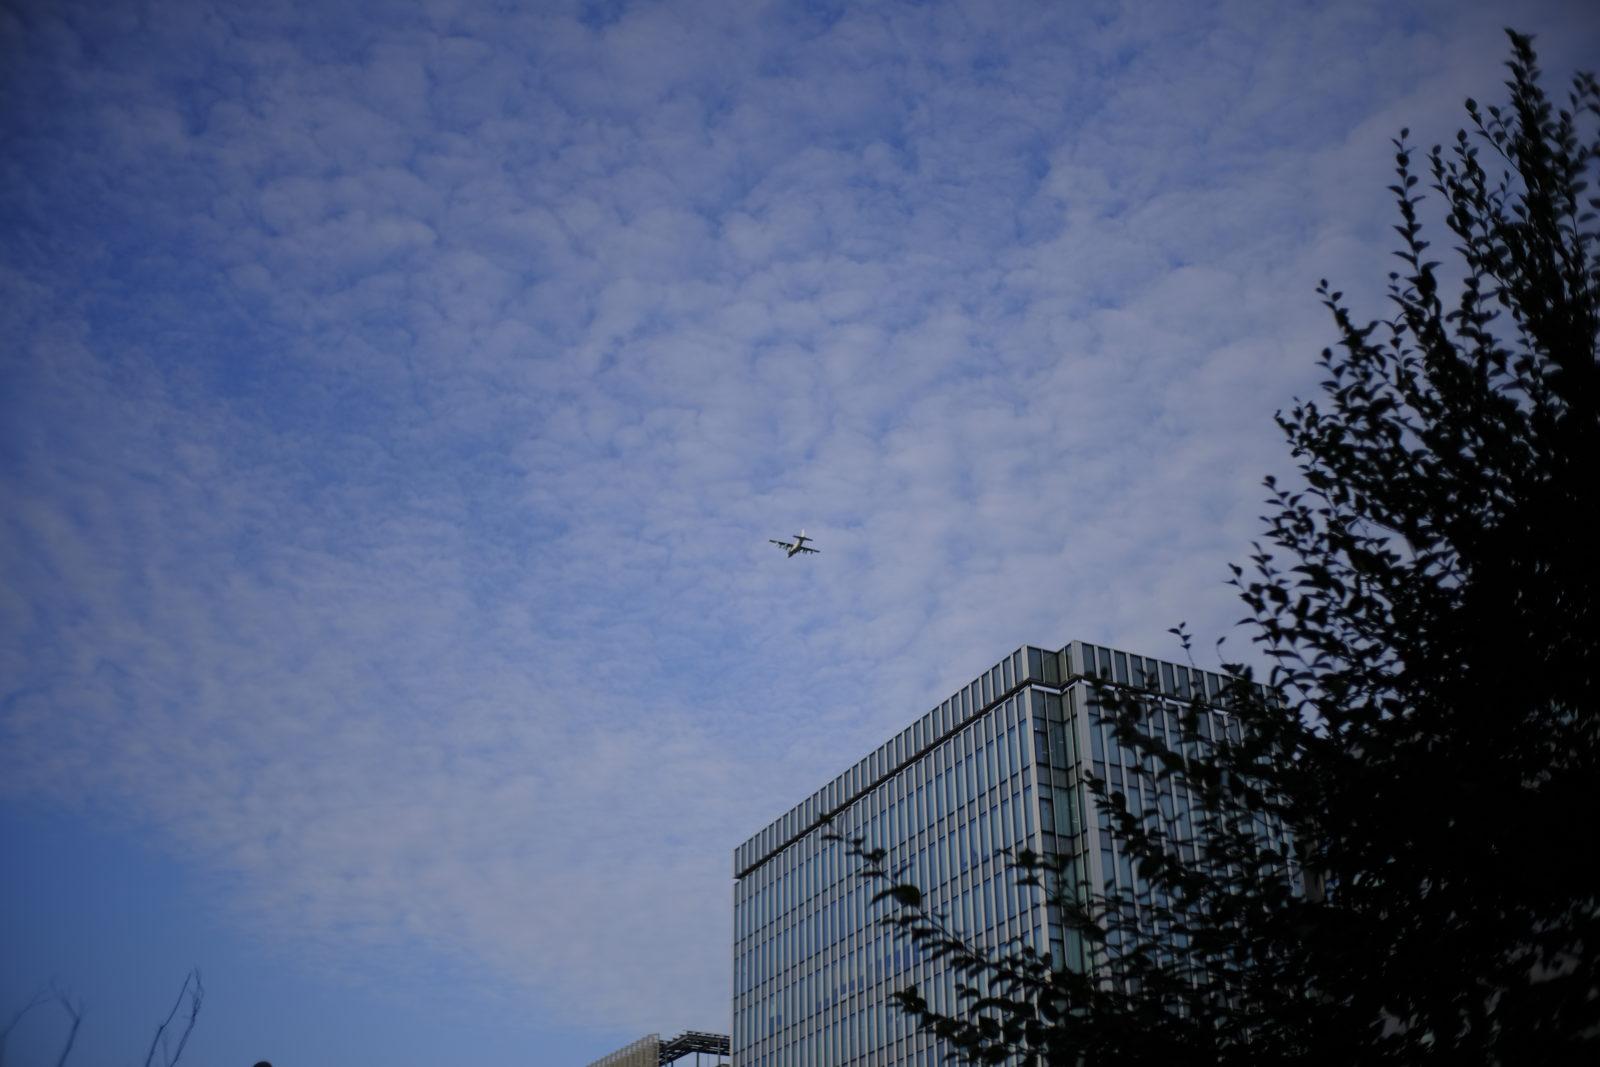 最近昼から夜半までよく飛ぶ飛行機